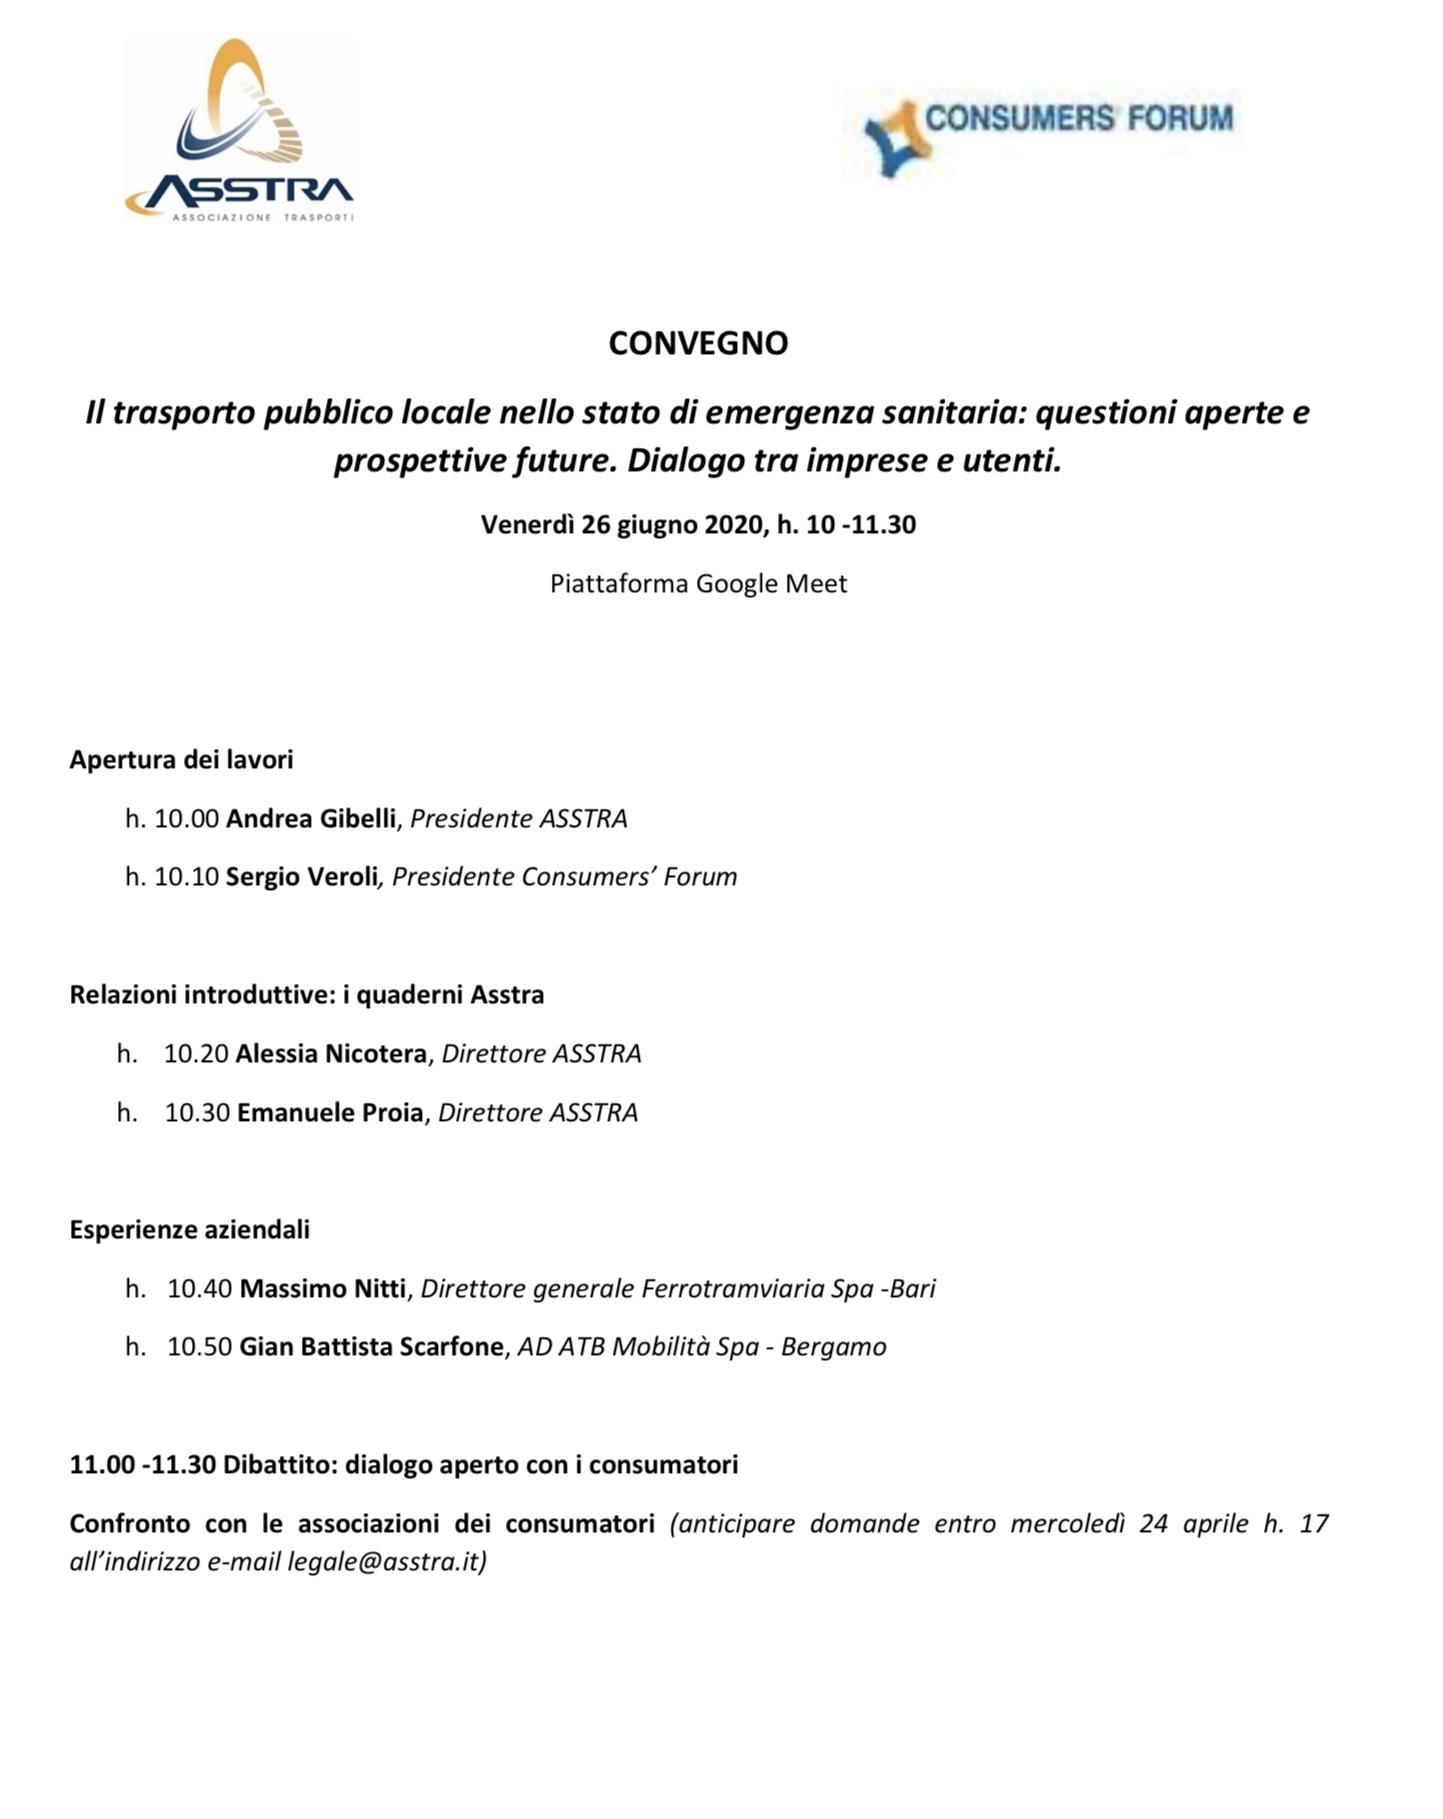 Il trasporto pubblico locale nello stato di emergenza sanitaria: questioni aperte e prospettive future. Dialogo tra imprese e utenti